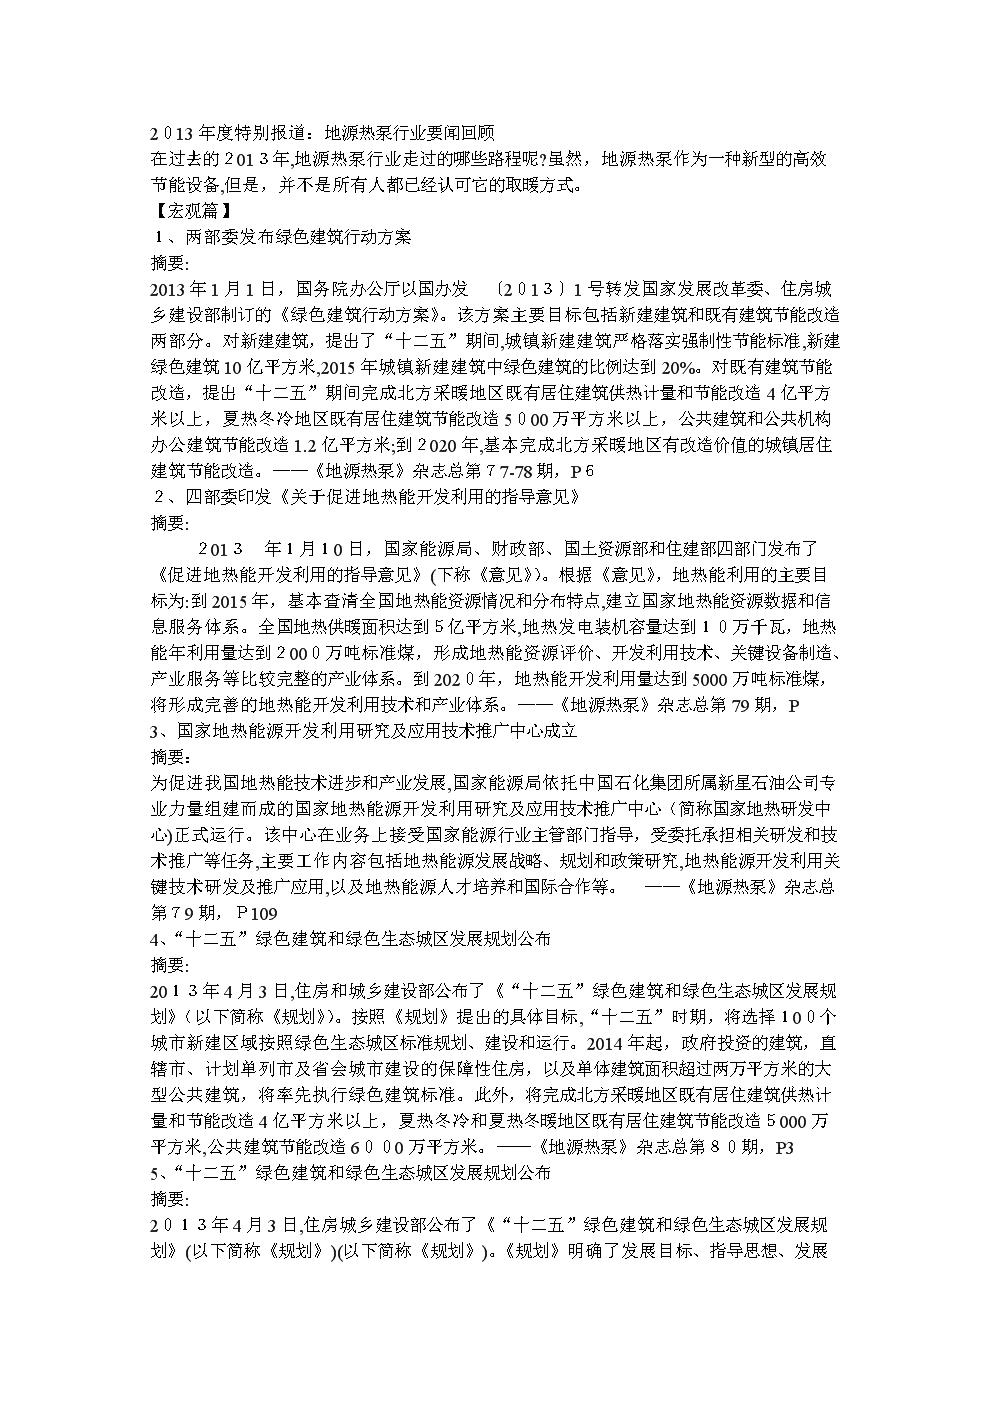 2013年度特别报道:地源热泵行业要闻回顾.doc